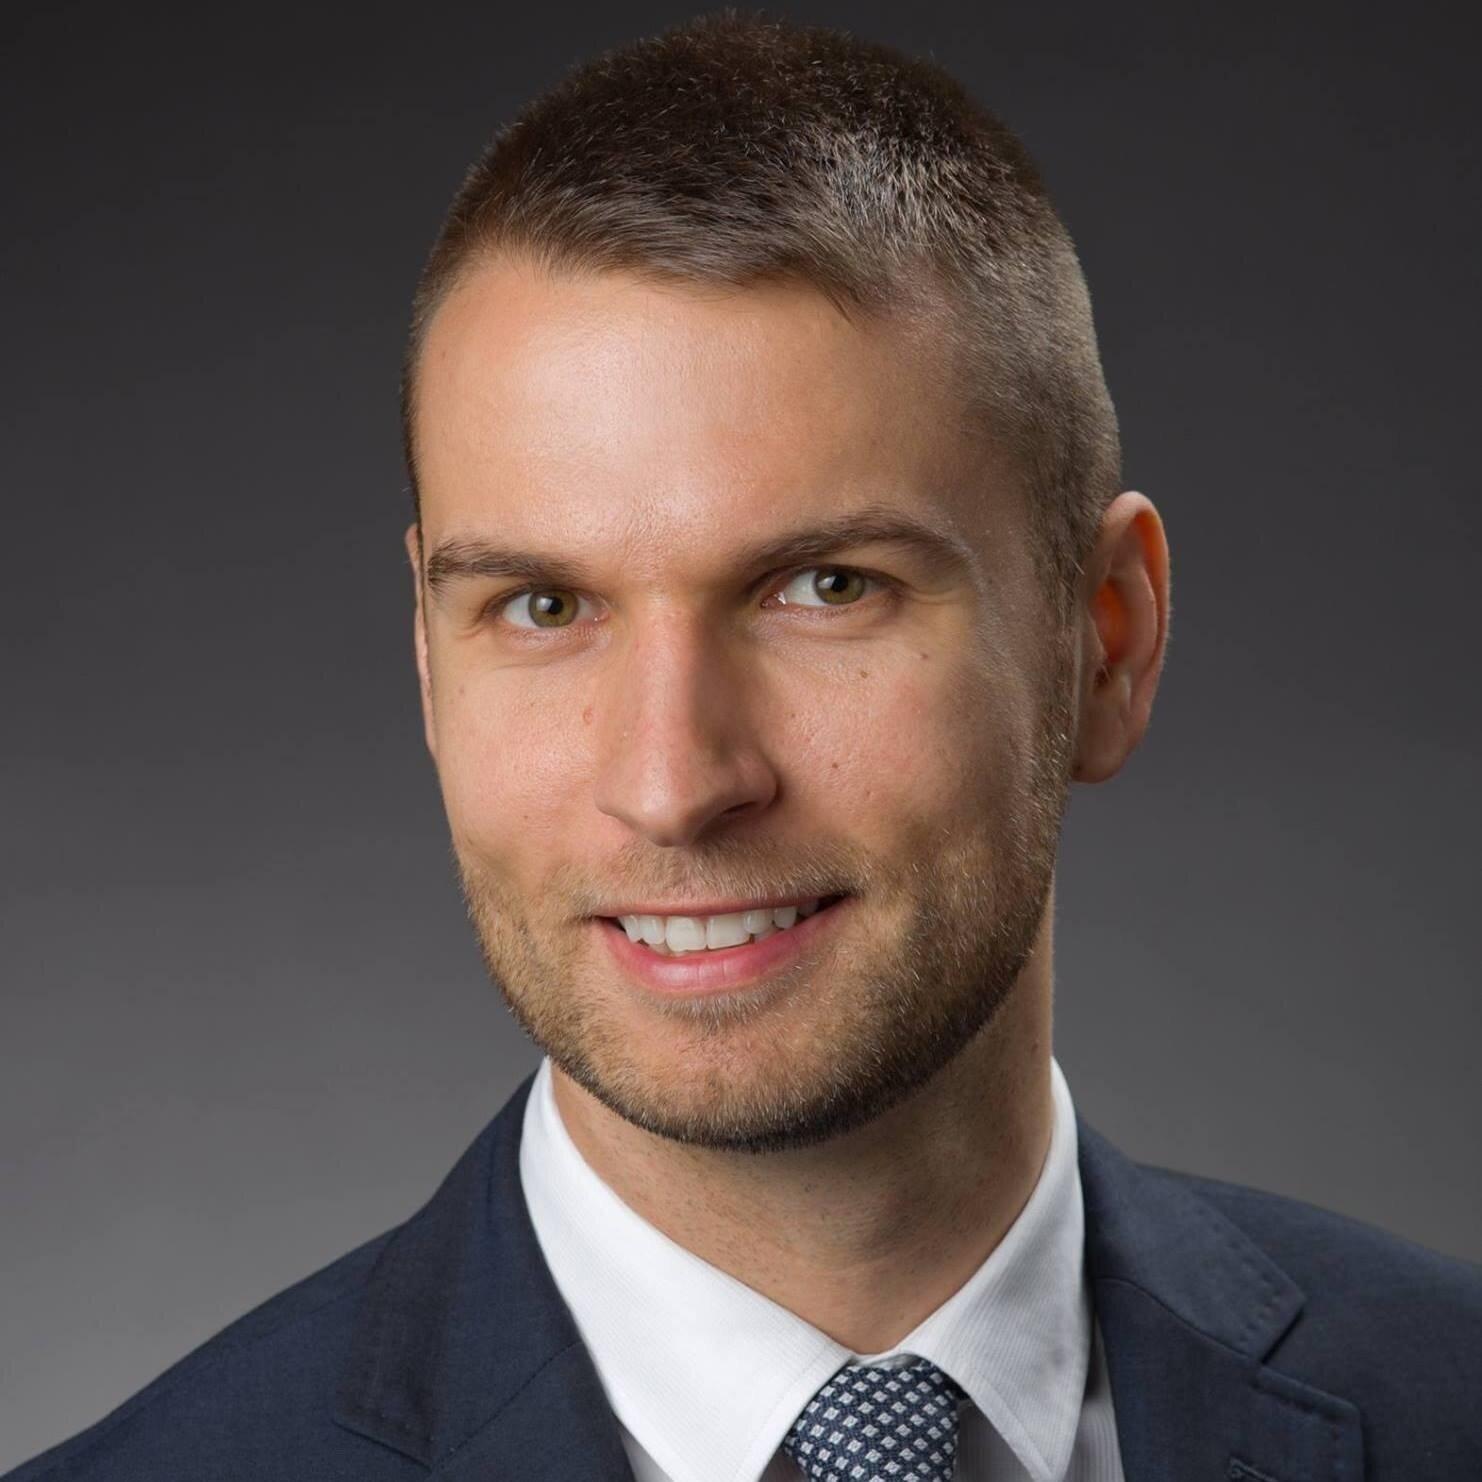 Bartosz Pundyk